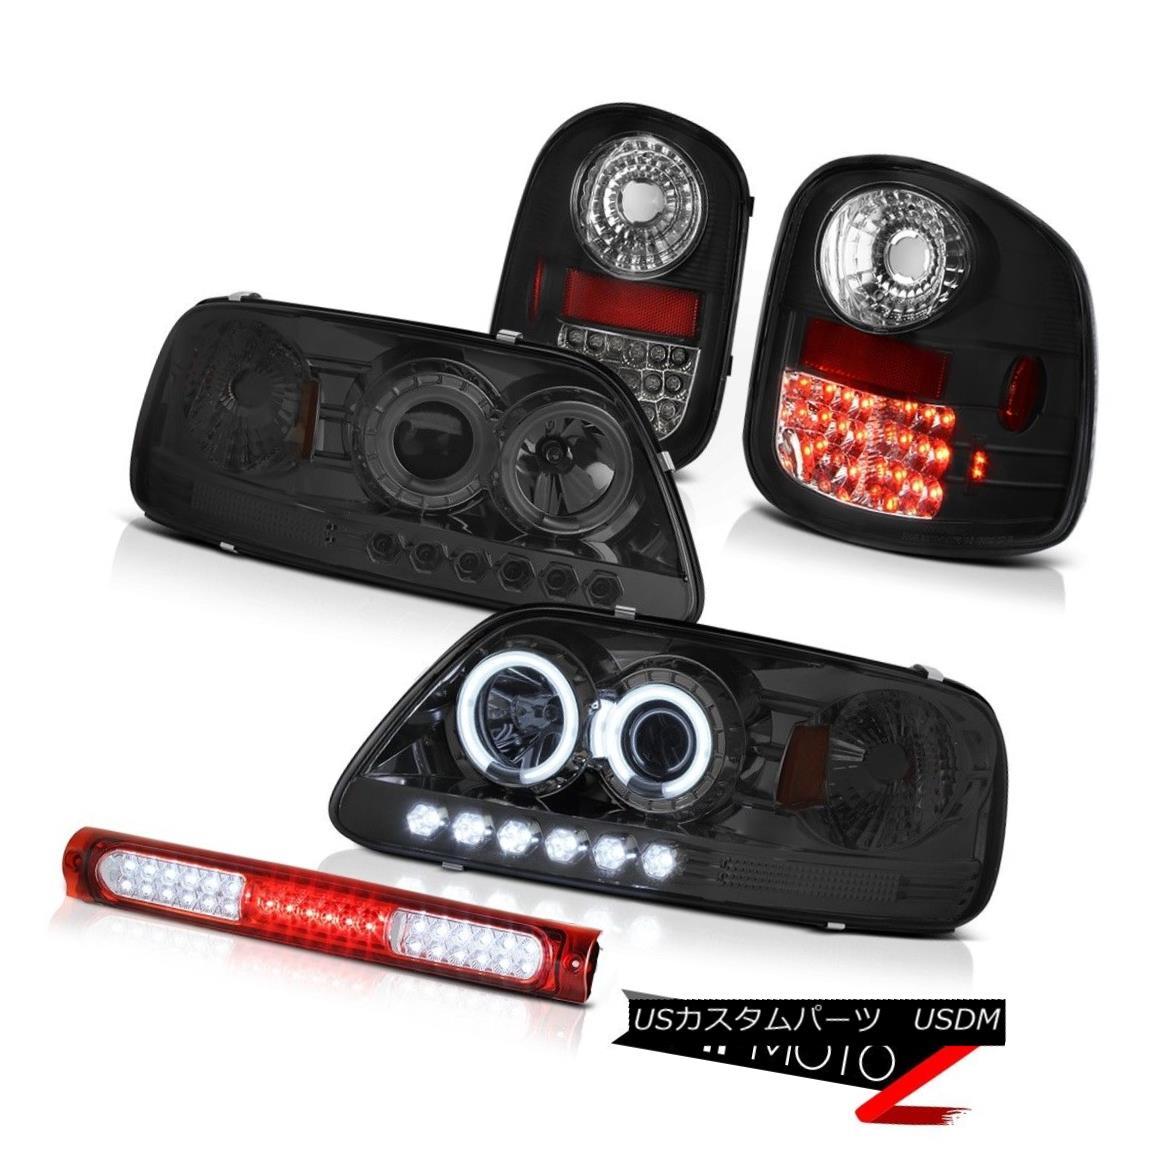 テールライト Tint CCFL Rim Headlights Tail Lights 3rd Brake Red LED 97-03 F150 Flareside 4.2L 色合いCCFLリムヘッドライトテールライト第3ブレーキ赤色LED 97-03 F150フレアサイド4.2L